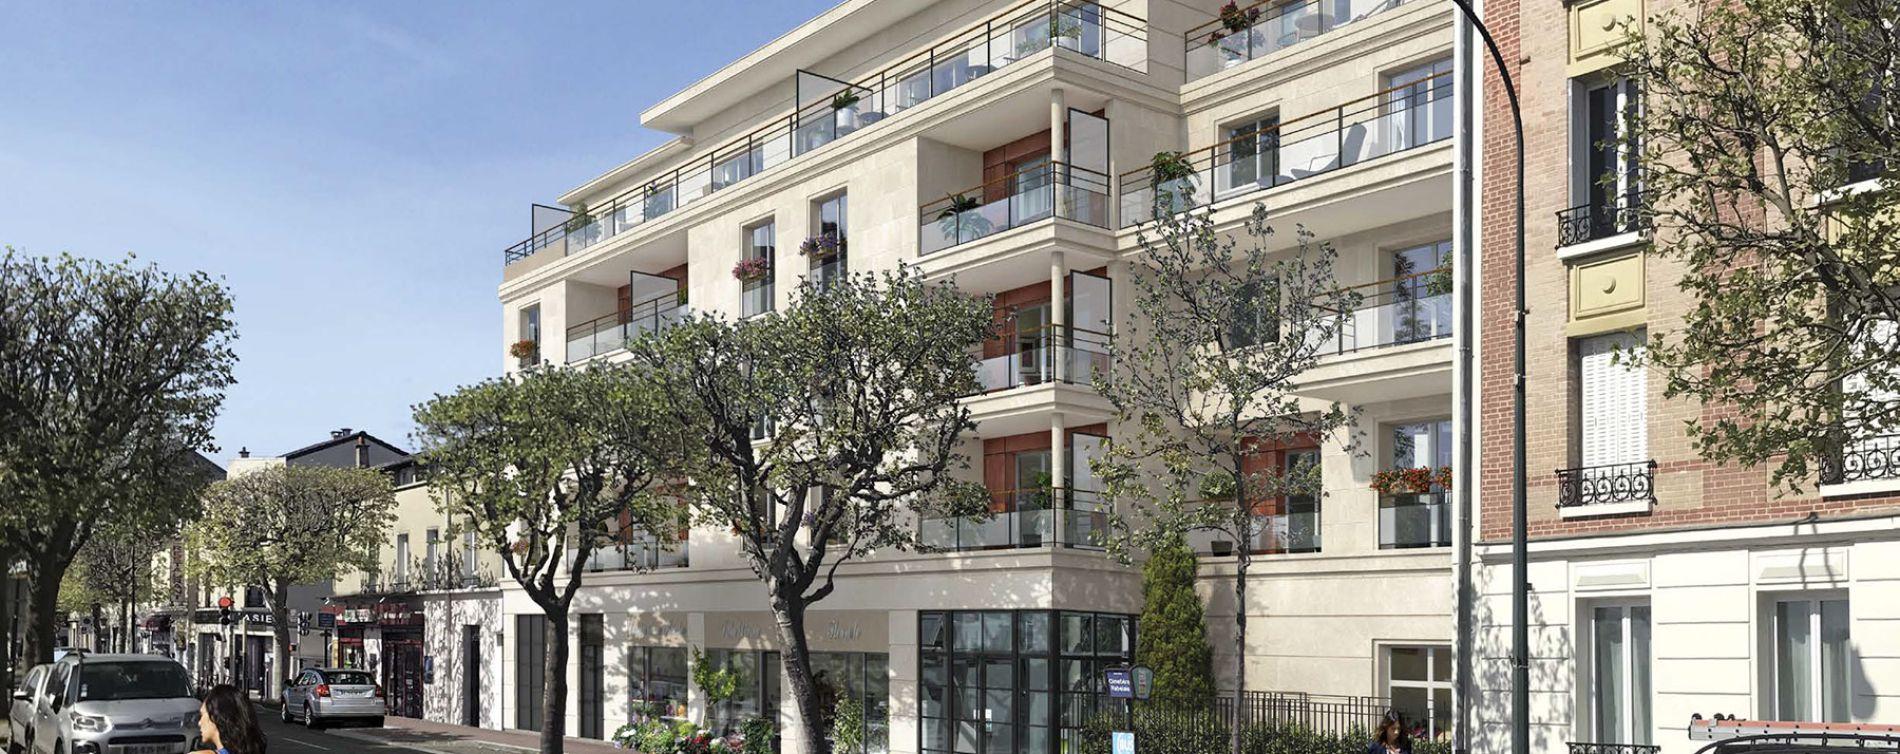 Résidence Villa Zoé à Saint-Maur-des-Fossés